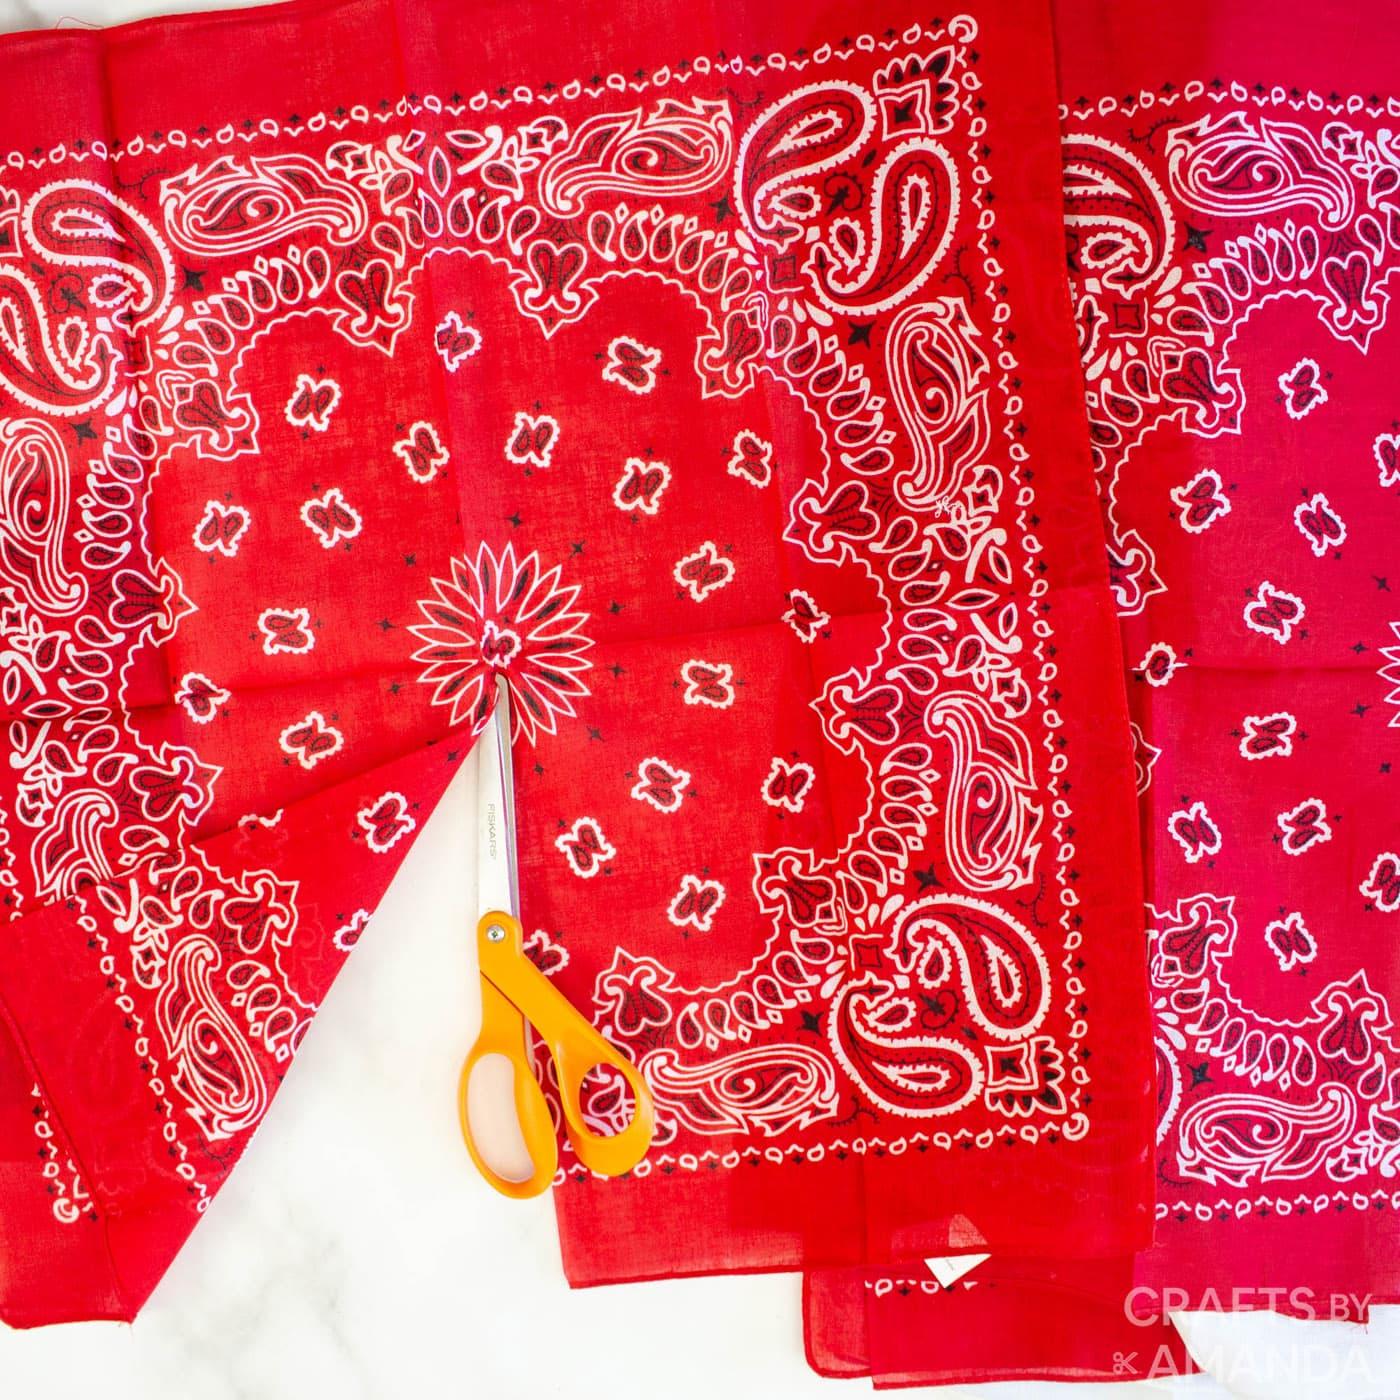 scissors cutting red bandana in half